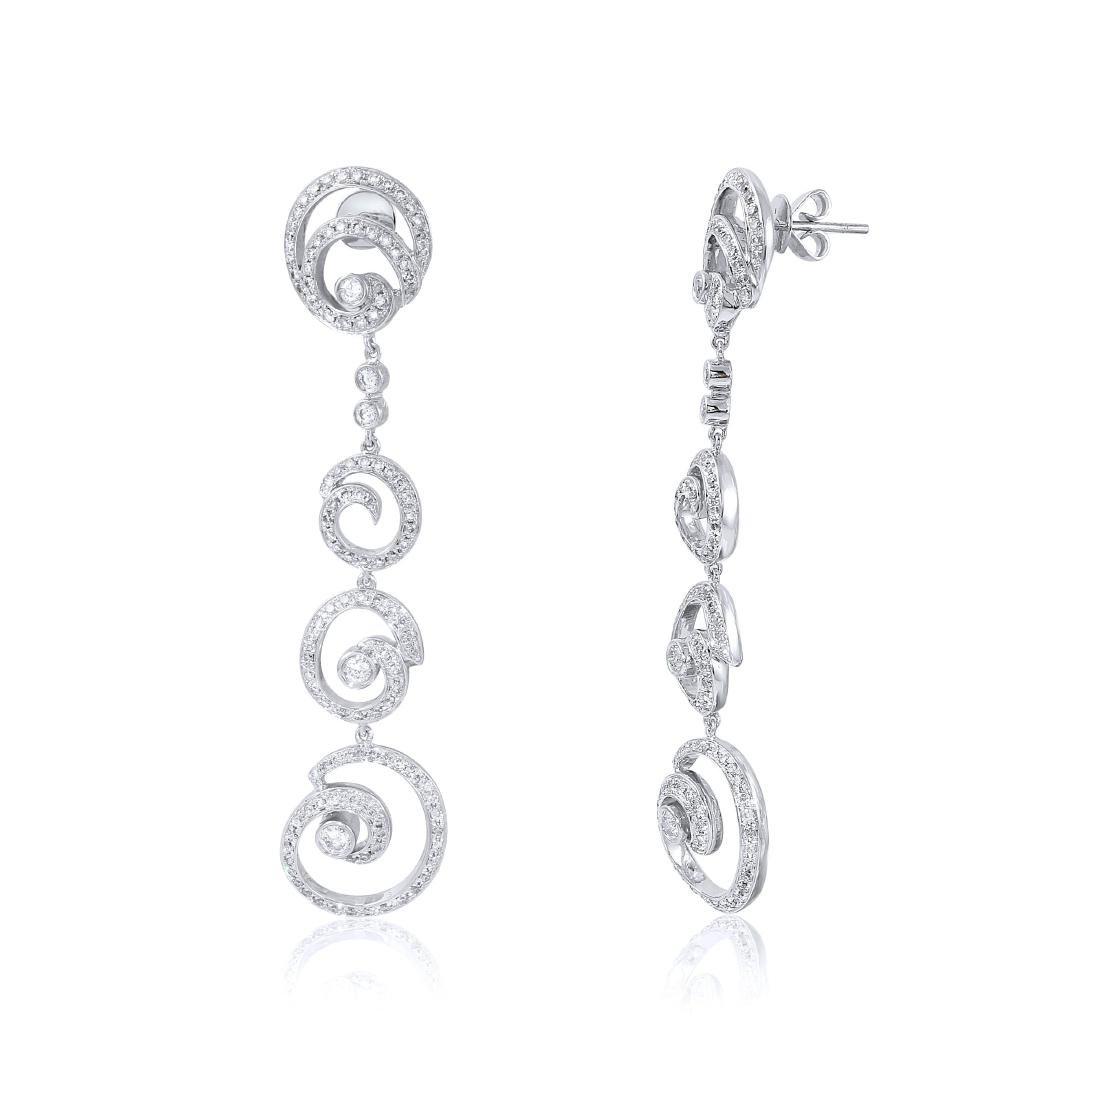 14KT White Gold Diamond Dangle Earrings